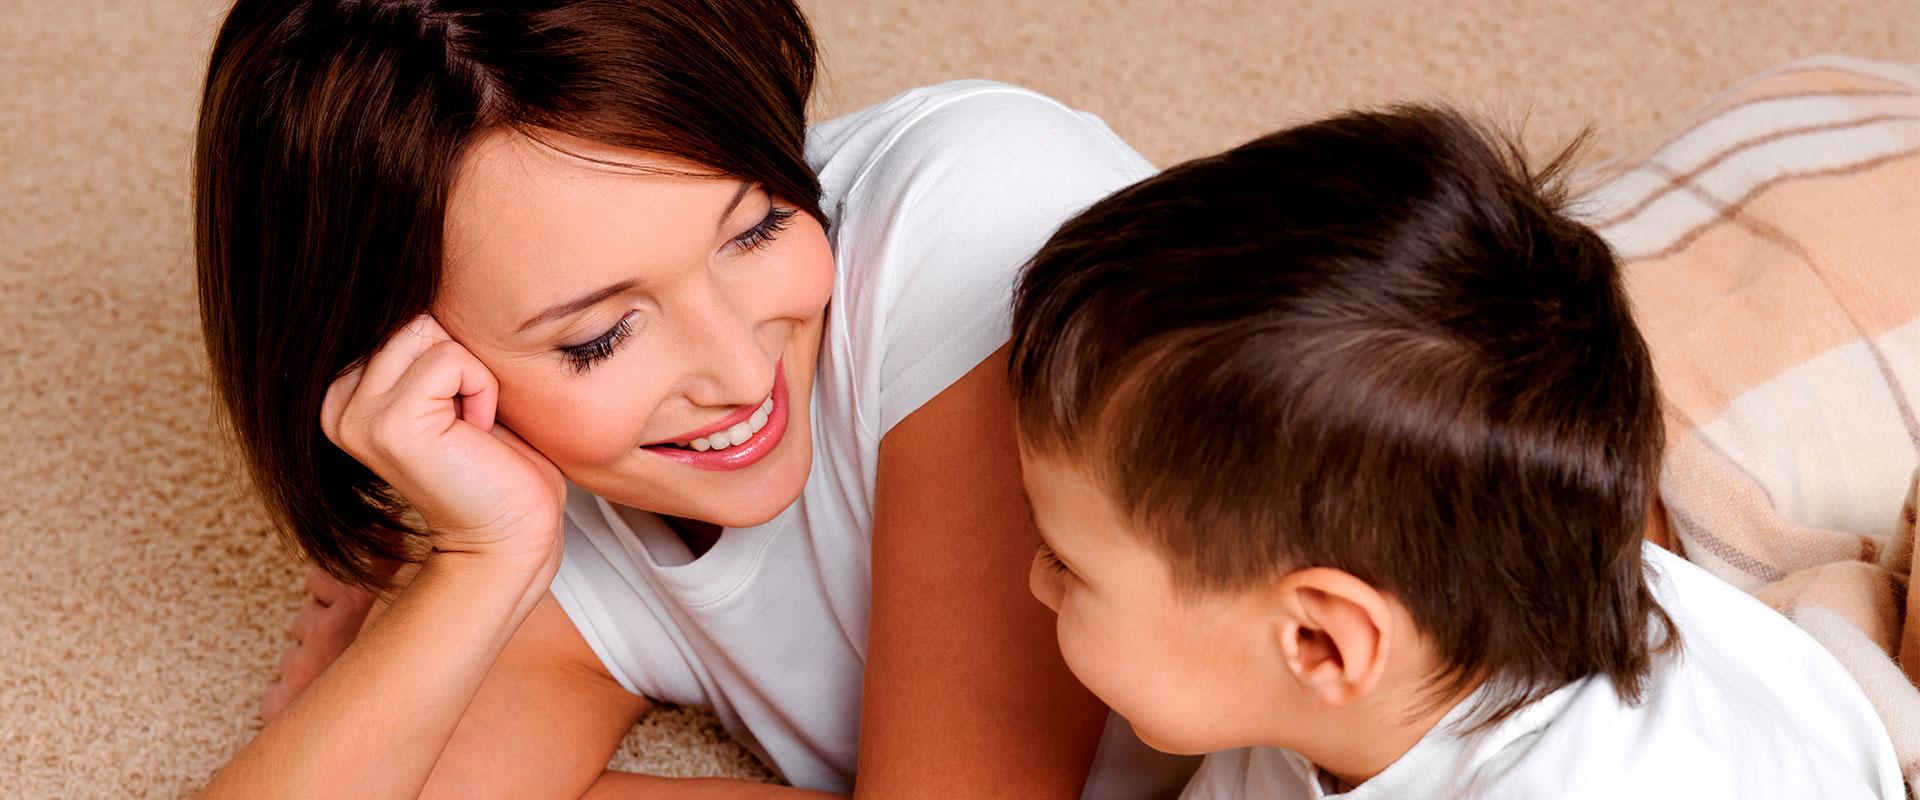 Mamá e hijo platicando alegremente sobre la alfombra.